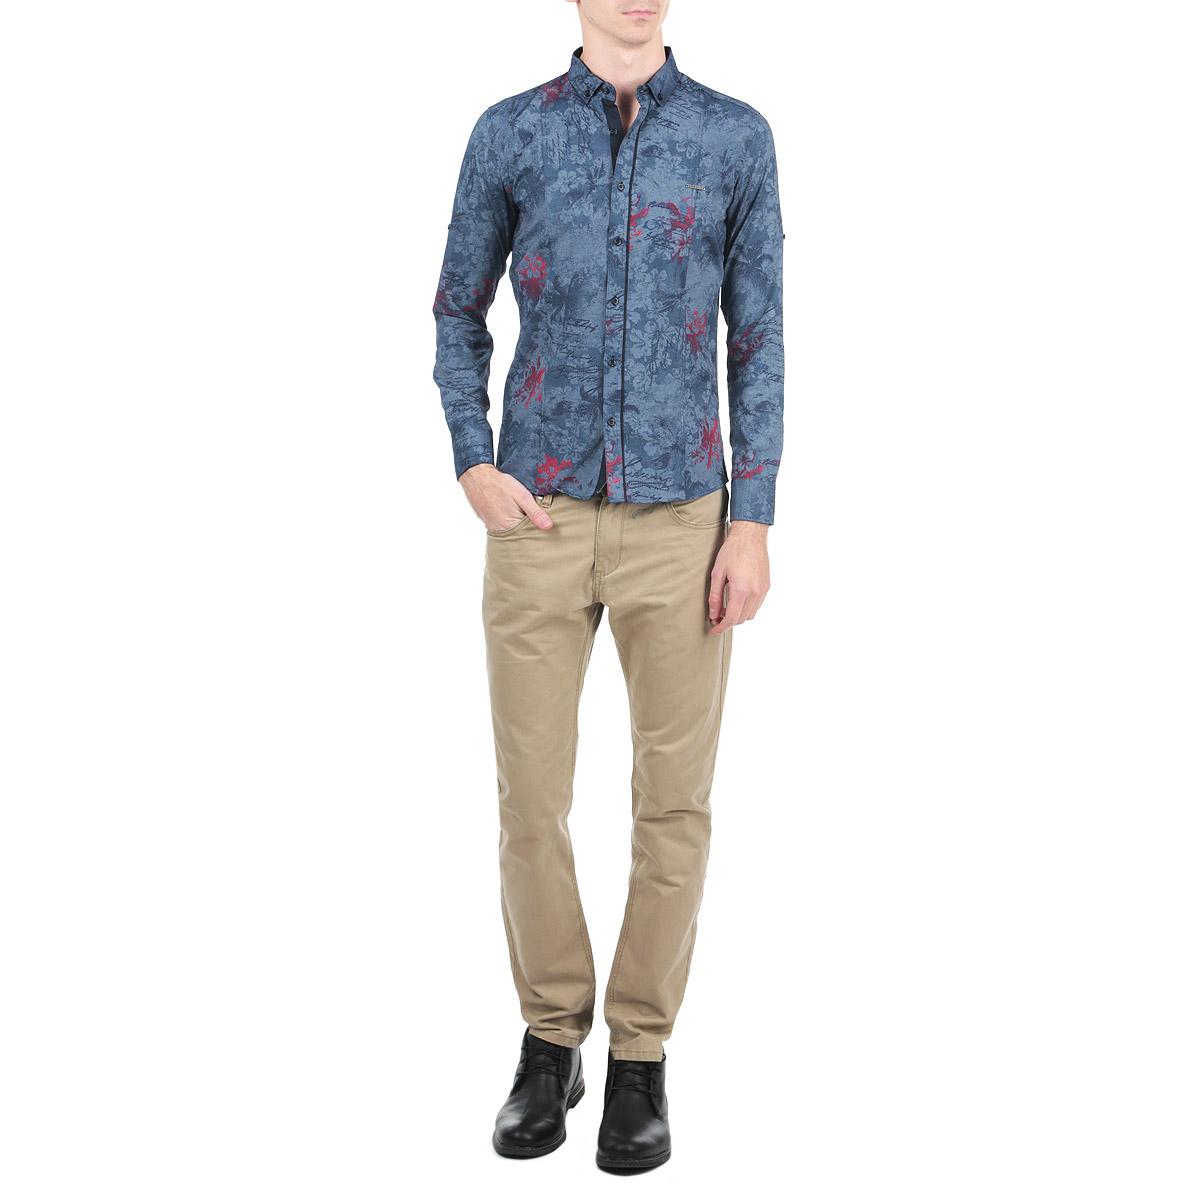 Рубашка мужская. 10021002_11Мужская рубашка Rodney, выполненная из высококачественного плотного 100% хлопка, обладает высокой теплопроводностью, воздухопроницаемостью и гигроскопичностью, позволяет коже дышать, тем самым обеспечивая наибольший комфорт при носке. Модель прямого кроя с отложным воротником, длинными рукавами и полукруглым низом застегивается на пуговицы. Рубашка оформлена оригинальным цветочным принтом и на груди дополнена металлической нашивкой с названием бренда. Рукава при желании можно подвернуть до локтя и зафиксировать при помощи хлястиков на пуговицах. Такая рубашка подчеркнет ваш вкус и поможет создать великолепный стильный образ.